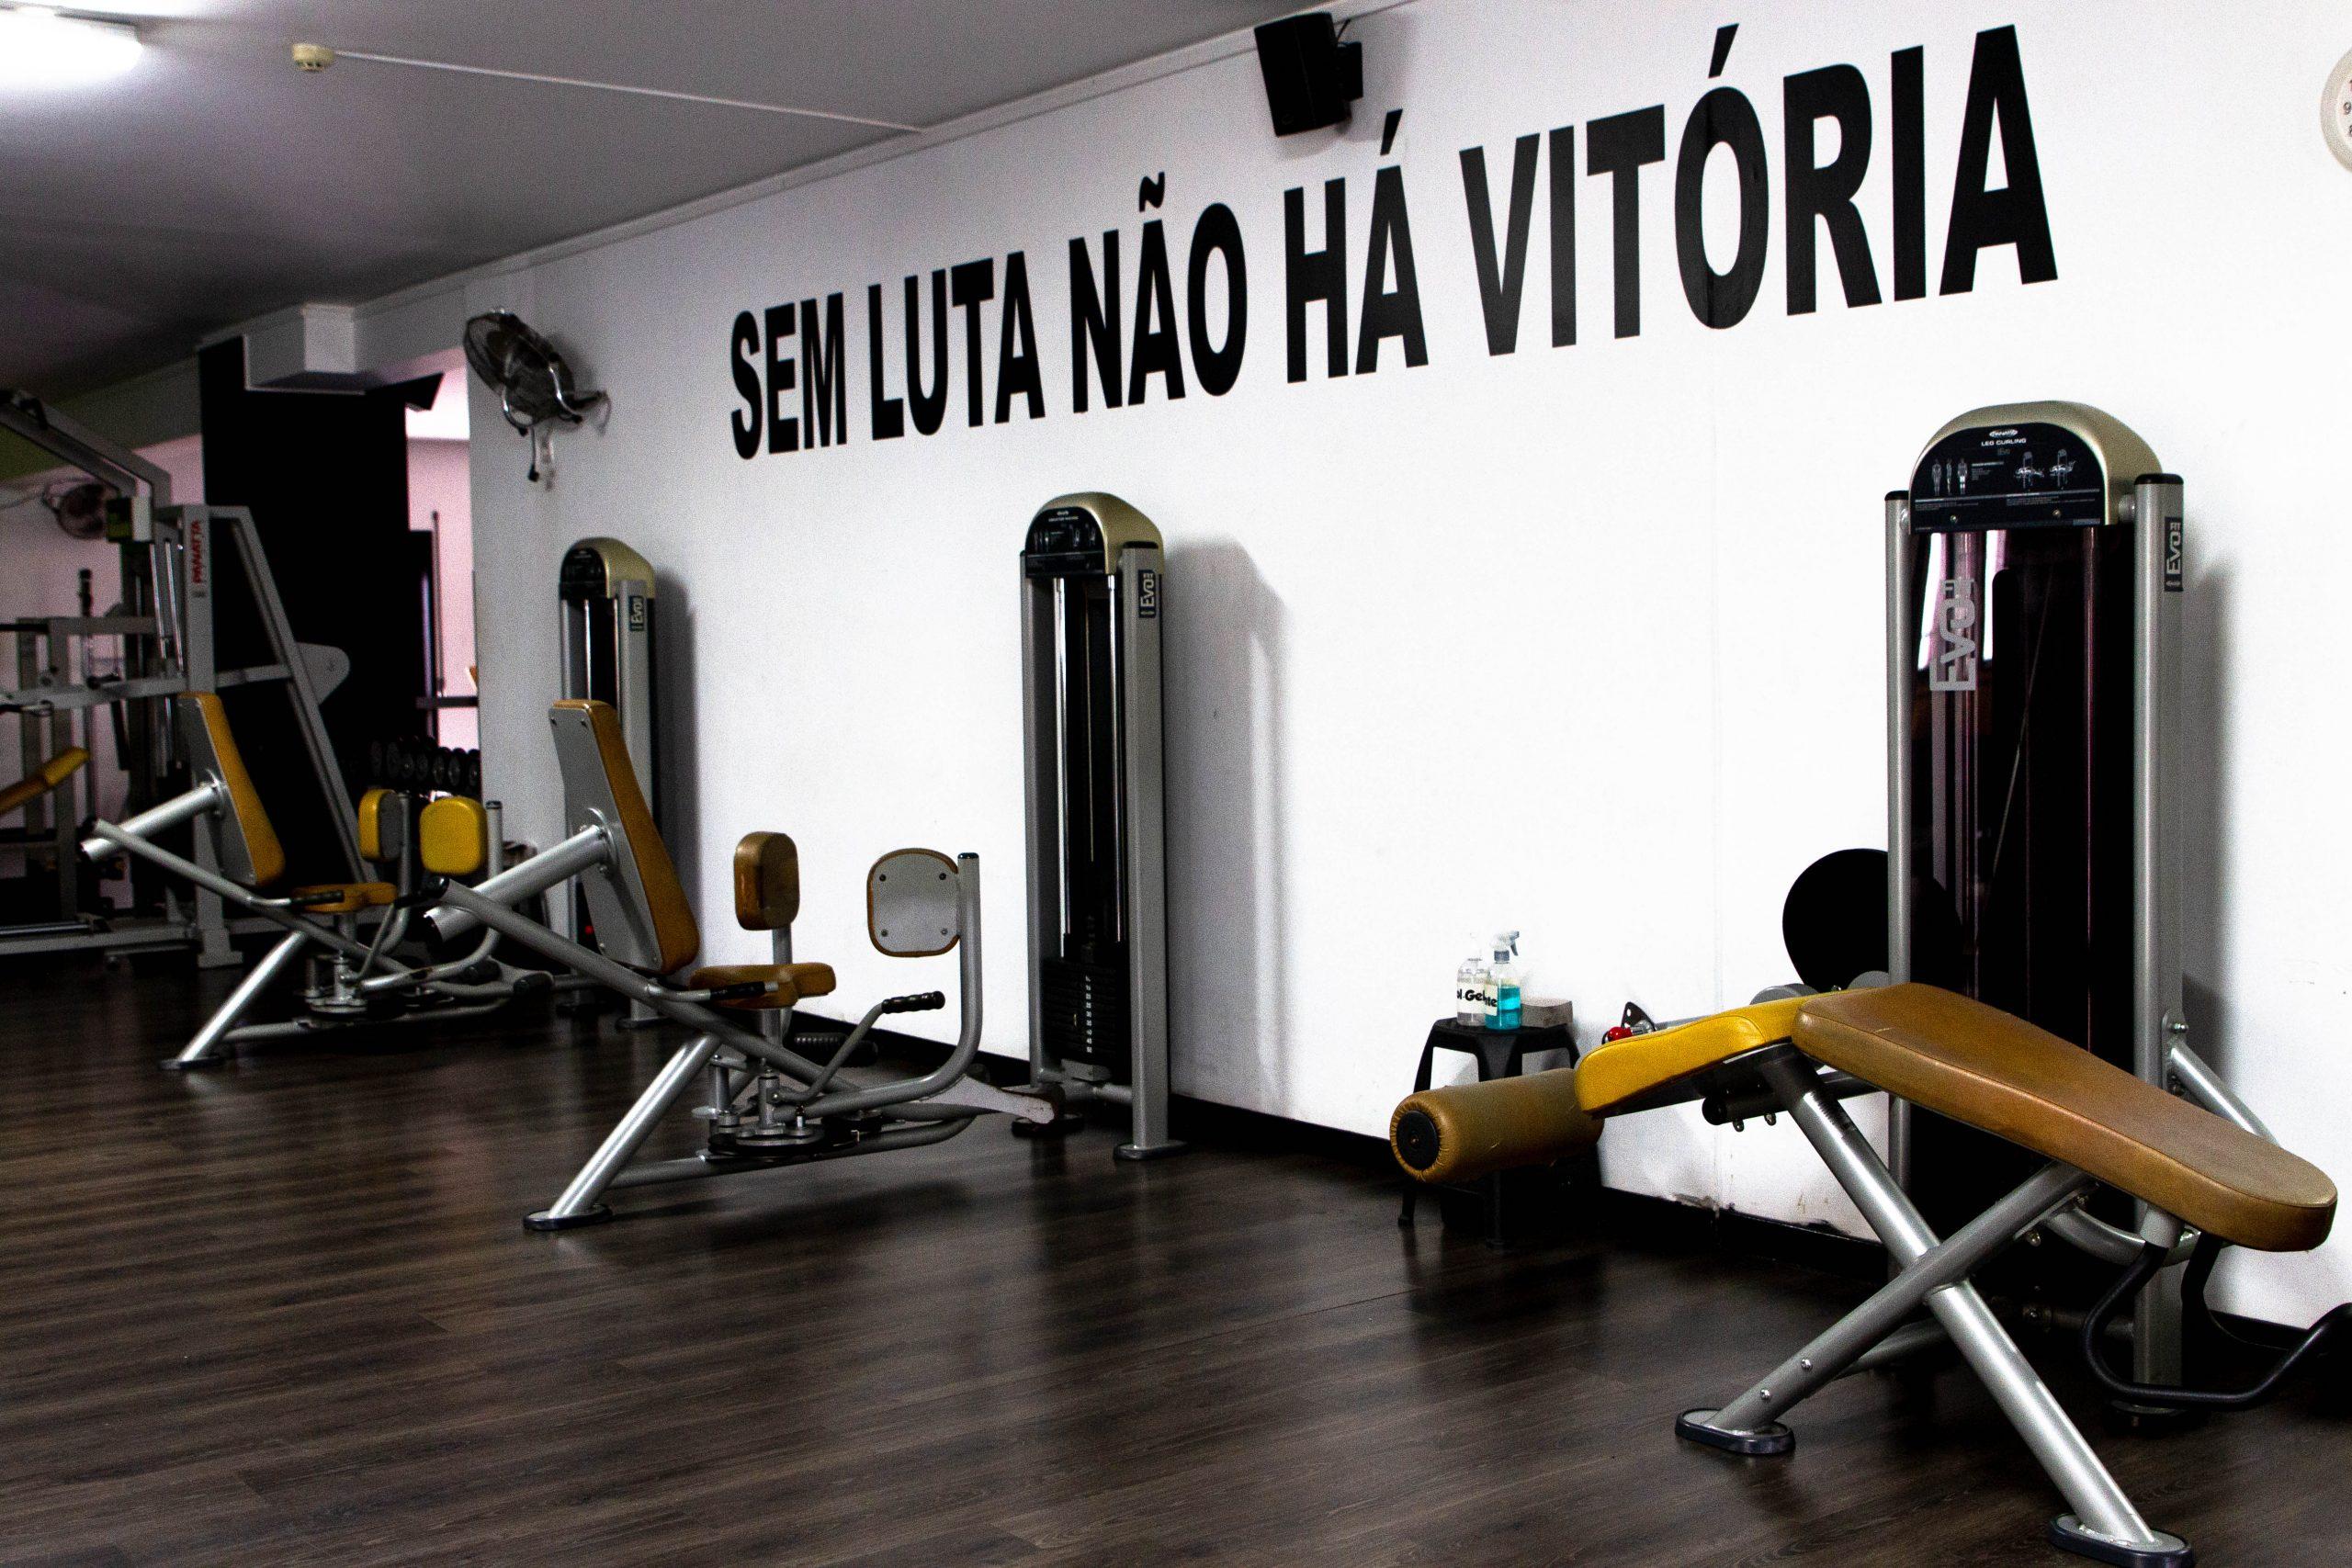 Fitin Health Club